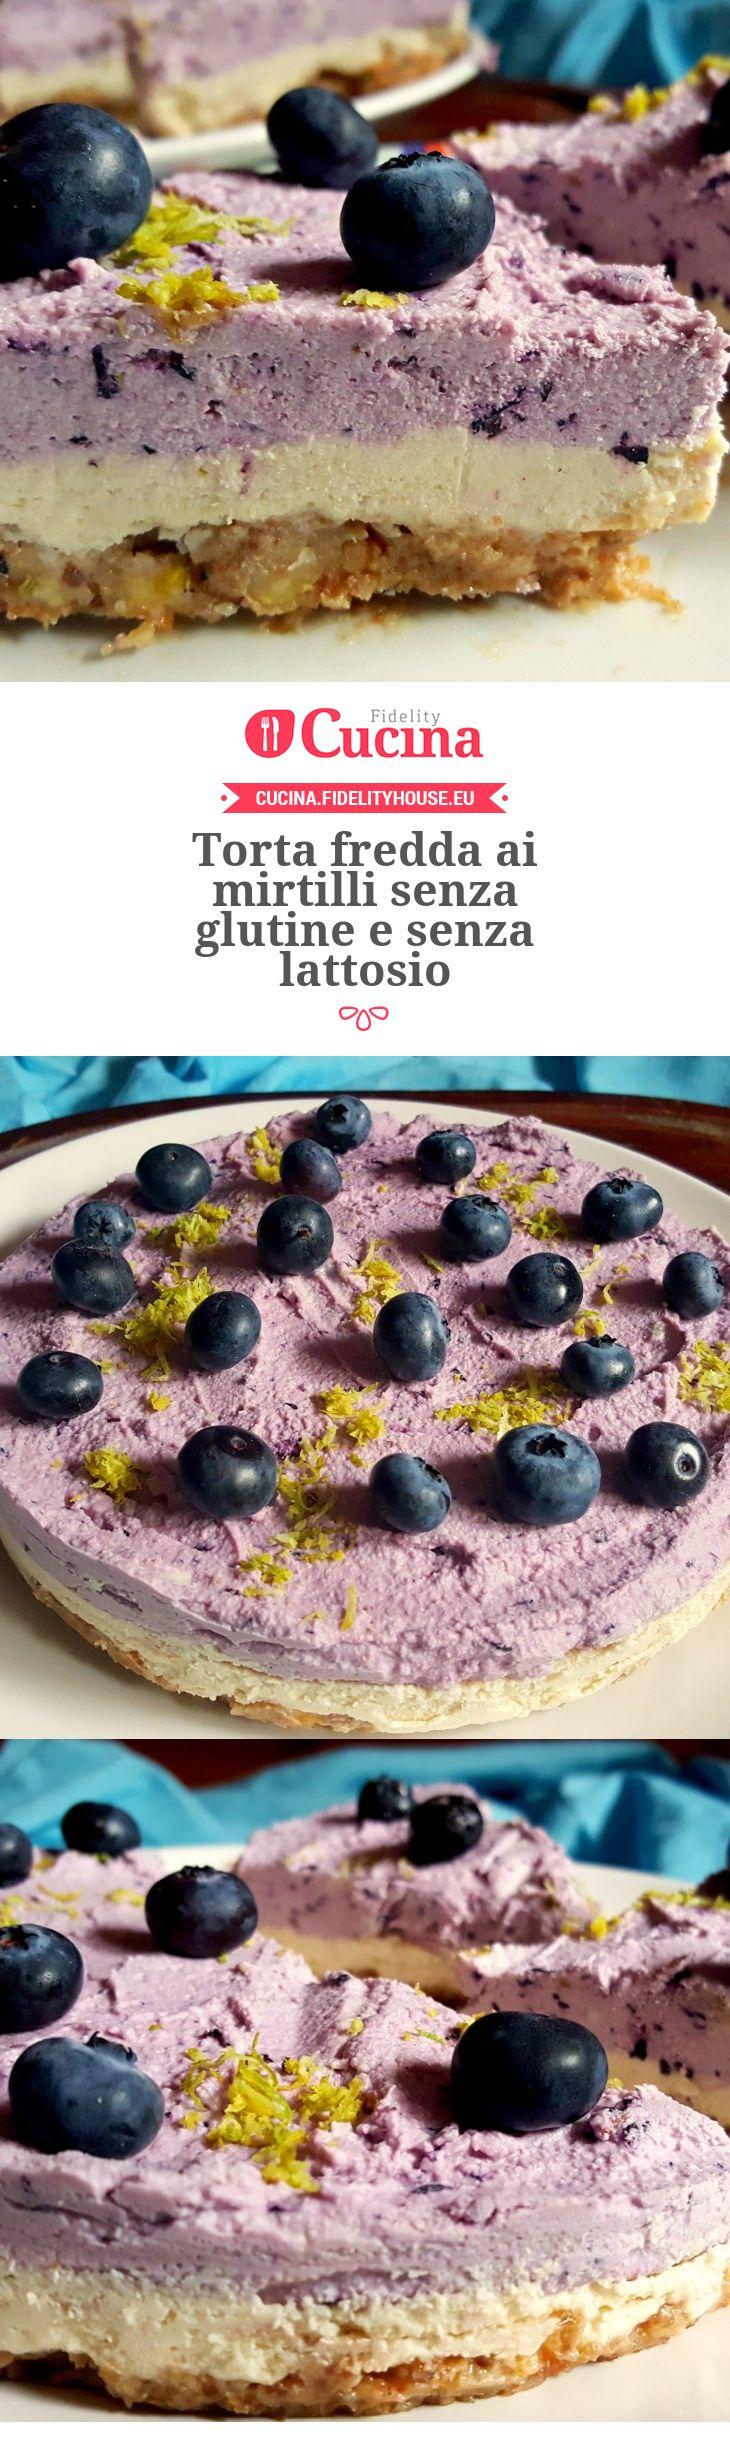 abbastanza Oltre 25 fantastiche idee su Torte senza latticini su Pinterest  ZP48